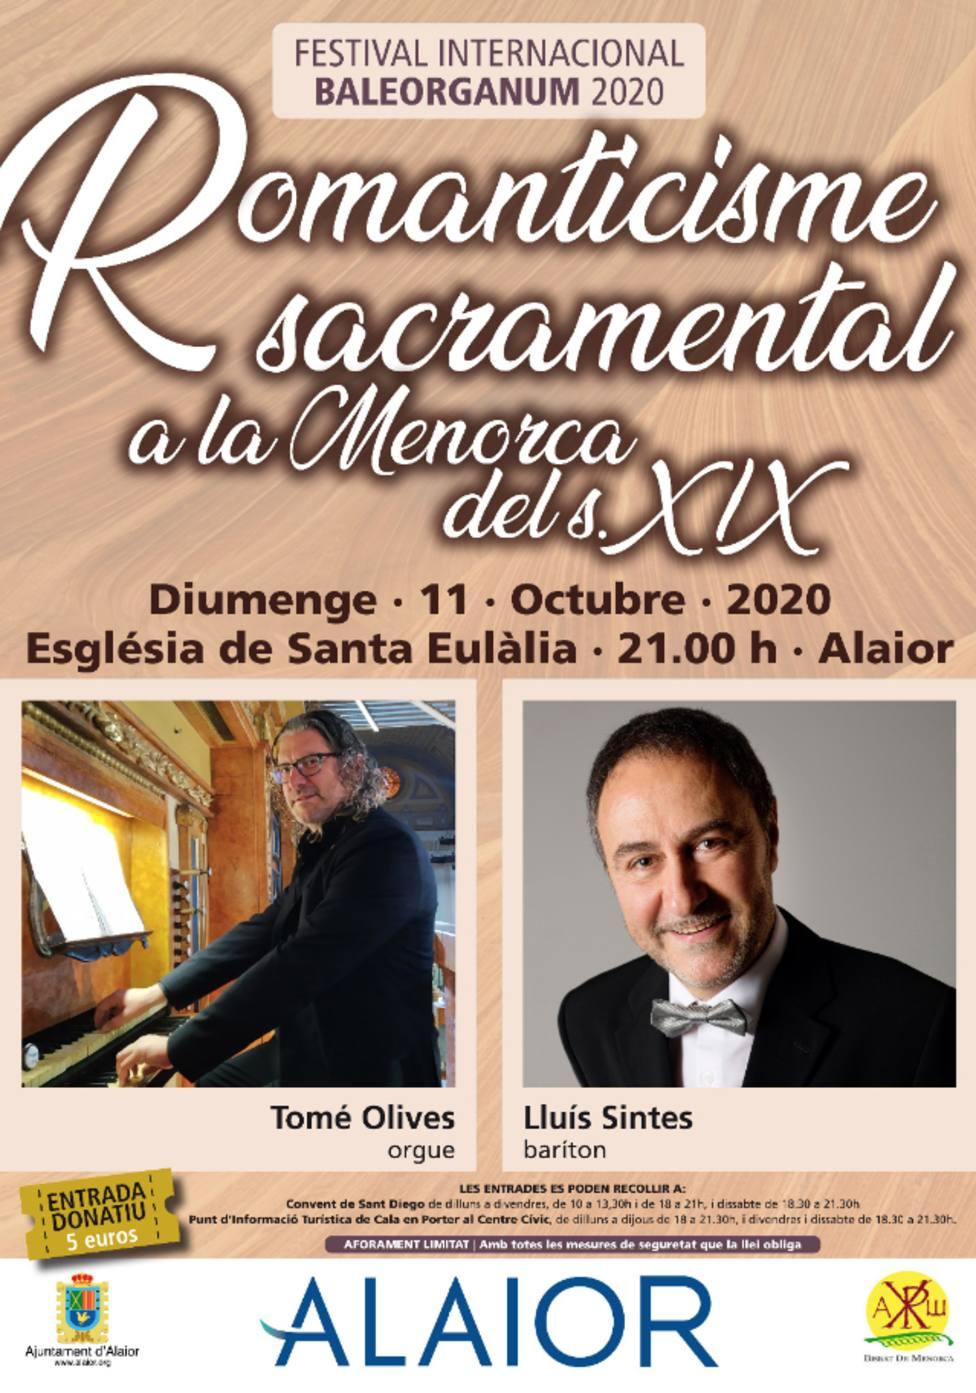 Lluís Sintes y Tomé Olives llevan el Romanticismo